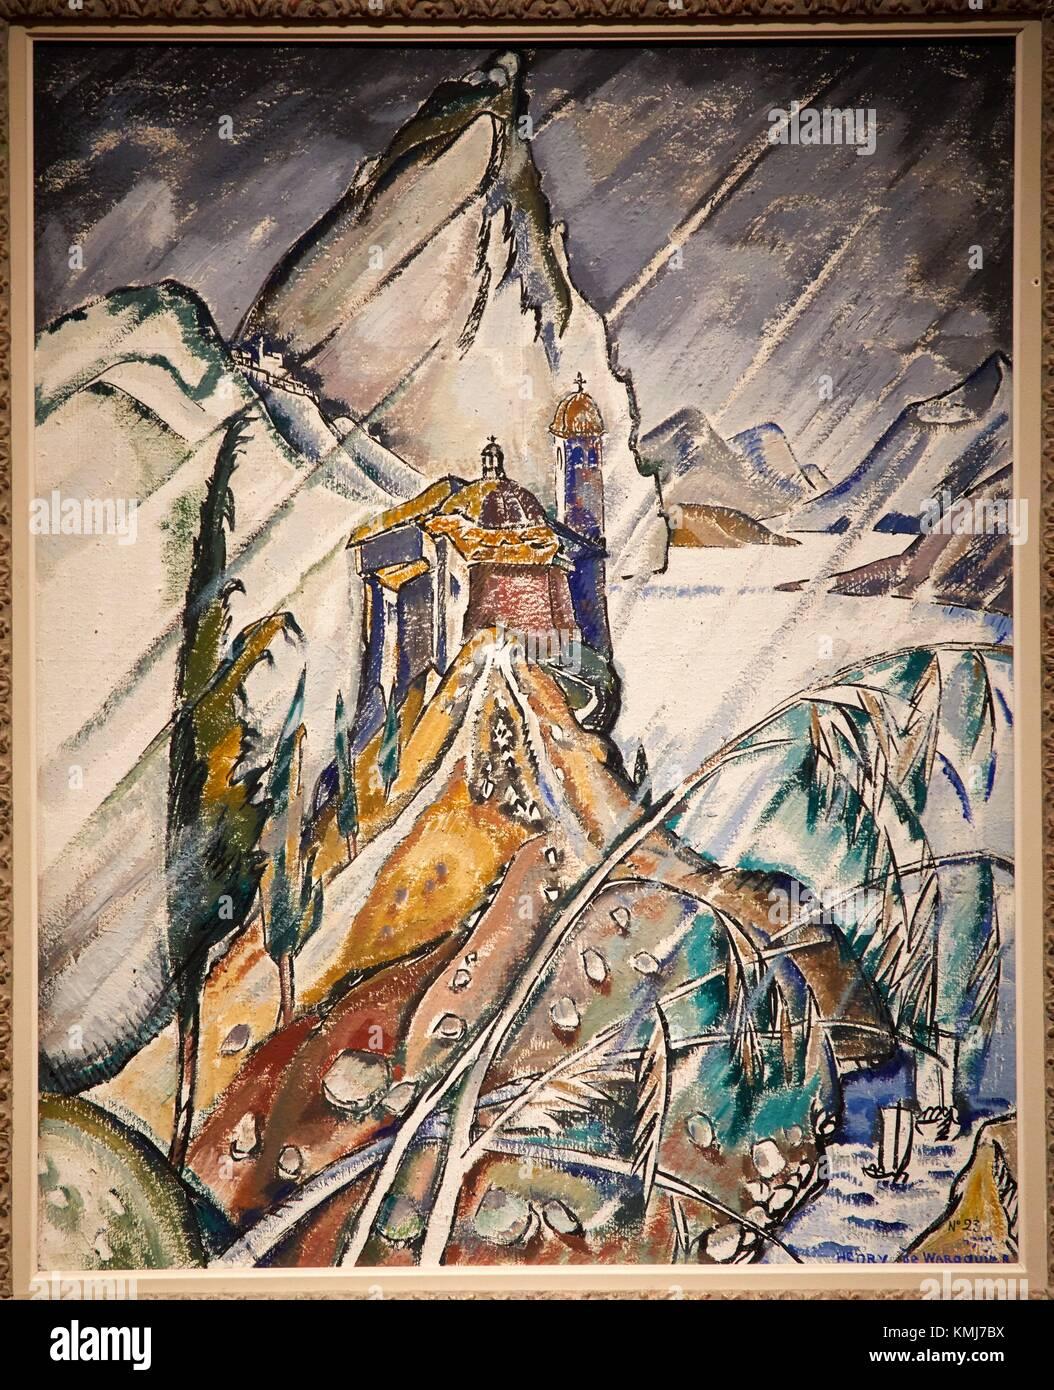 La Pluie, paysage de l'Esperance Deutschlands, 1912, Henri de Waroquier, Musée d'Art Moderne, Troyes, Stockbild